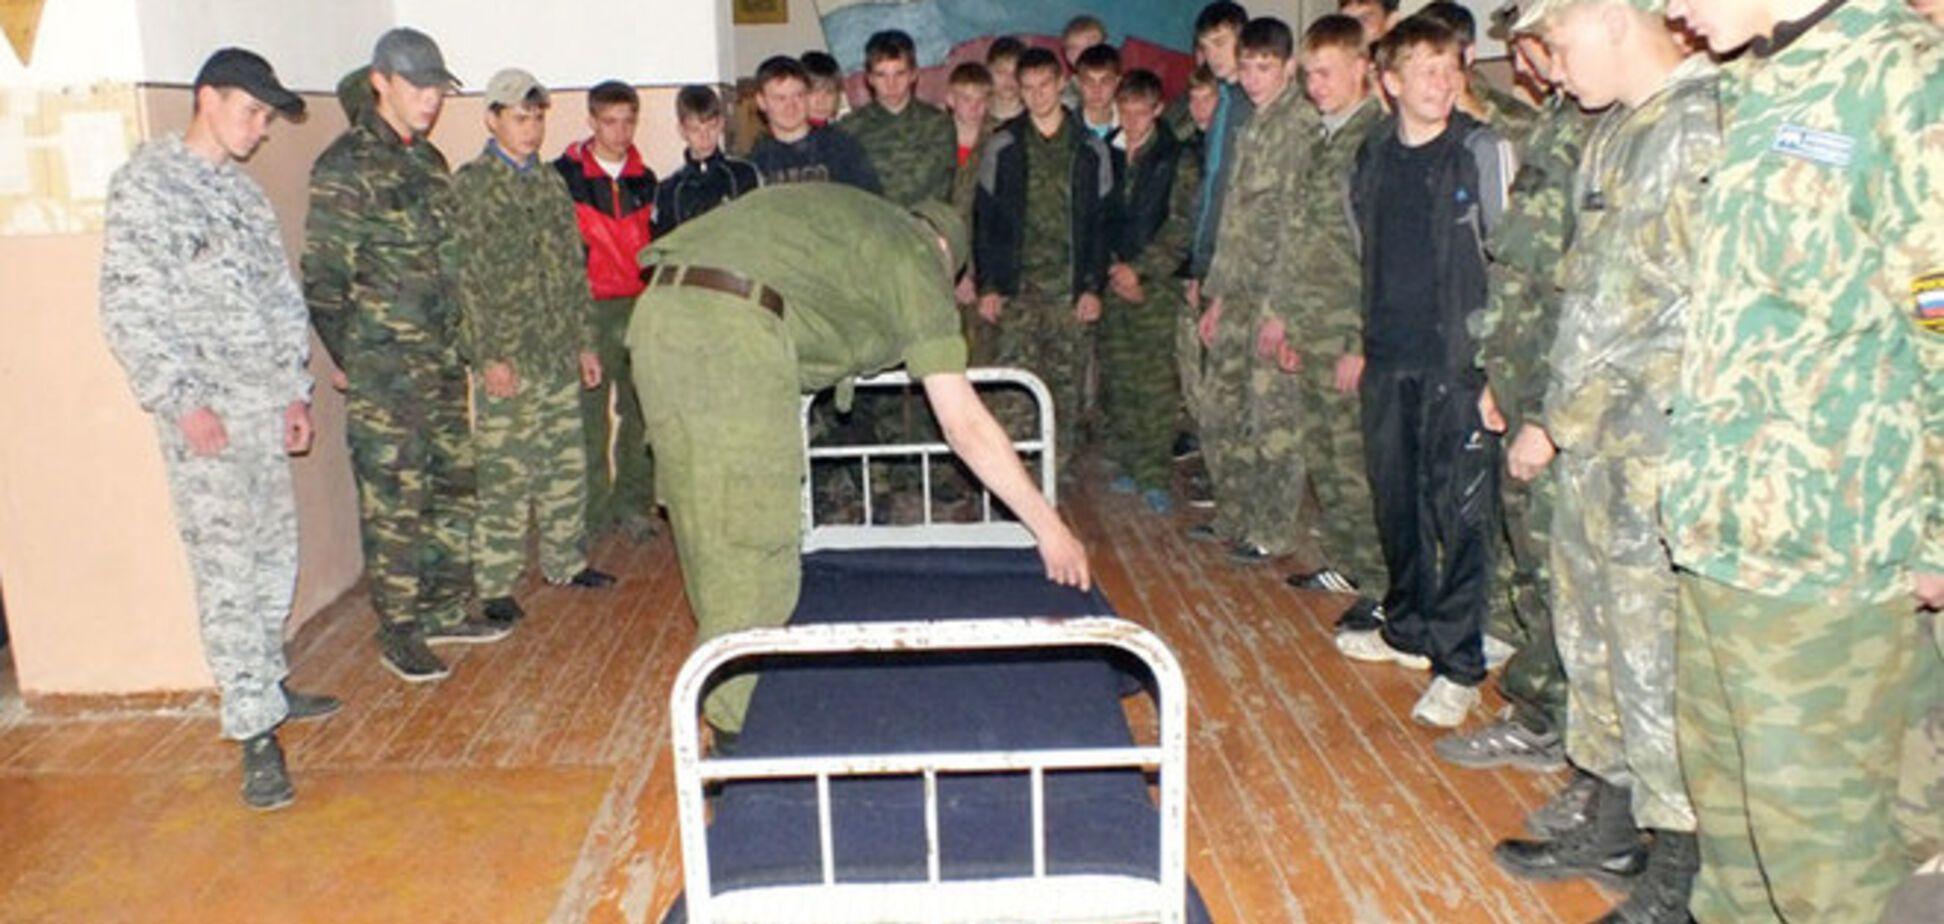 Обдарованих кримських дітей почали готувати до служби в російській армії